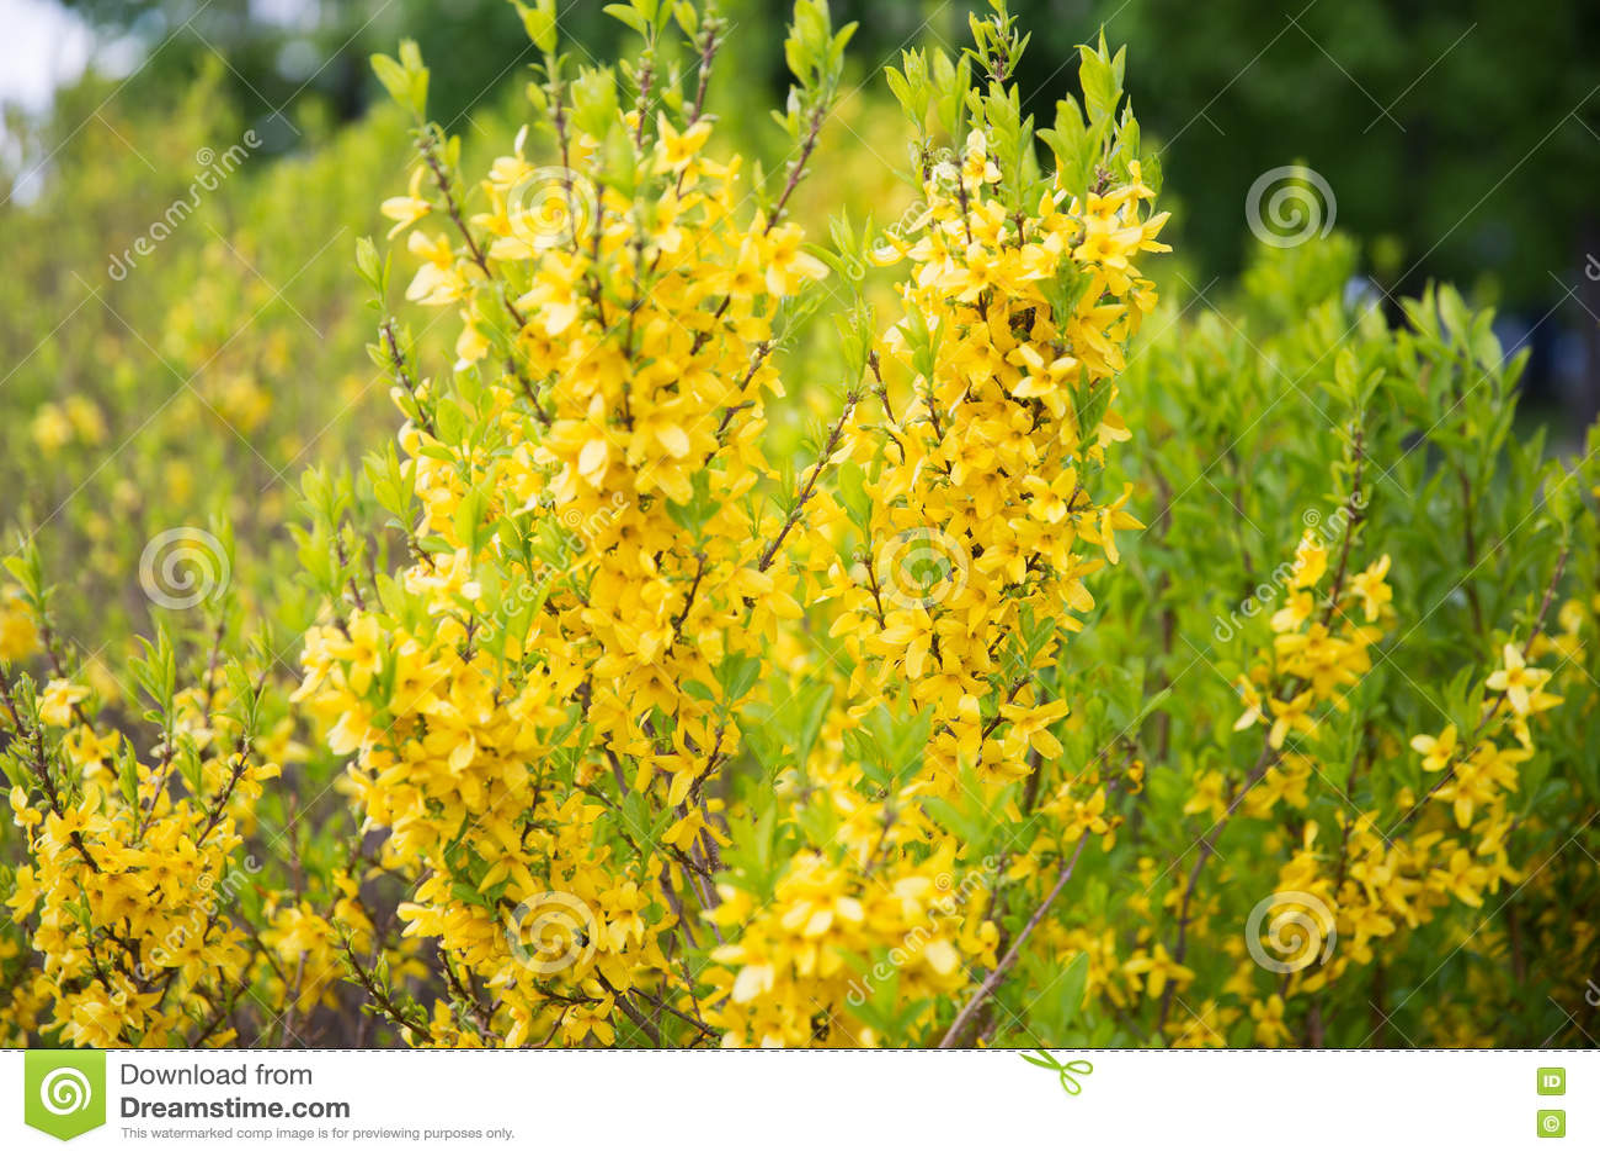 Fiori Gialli Cespuglio.Arbusto Fiori Gialli Primaverili